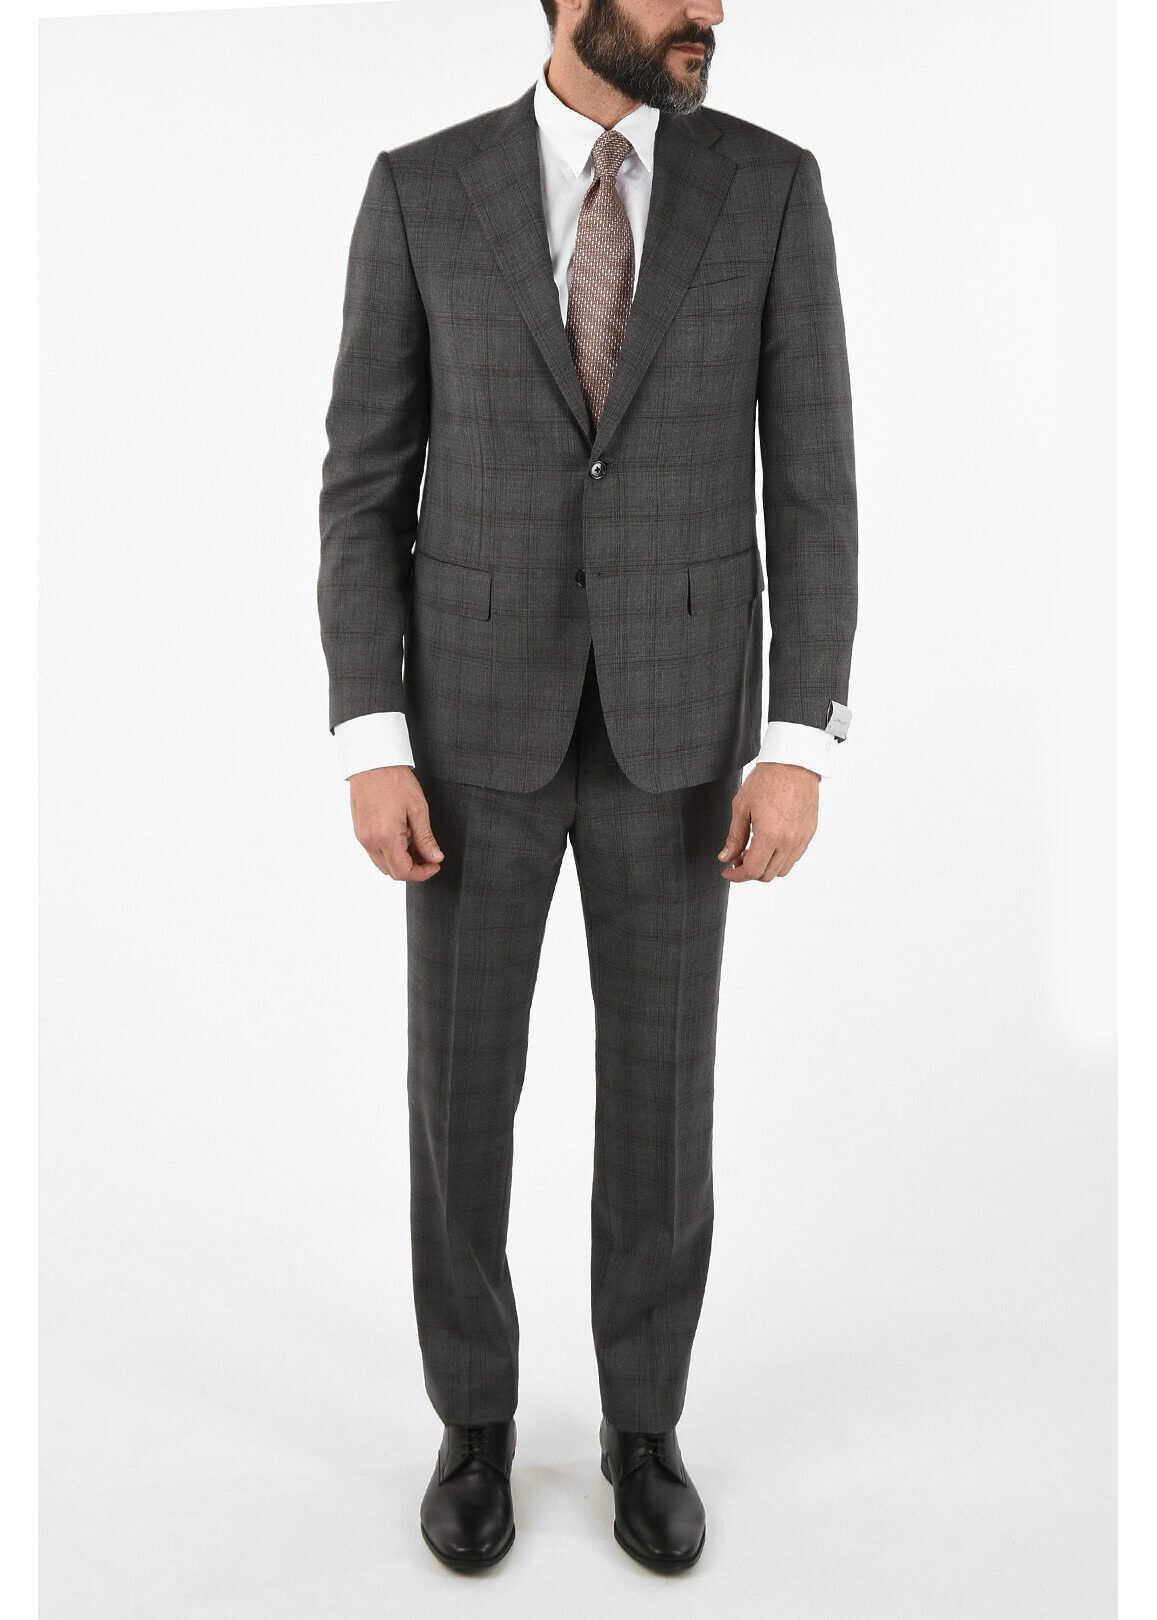 Tone-on-tone check side vent drop 6R 2-button MANTUA suit